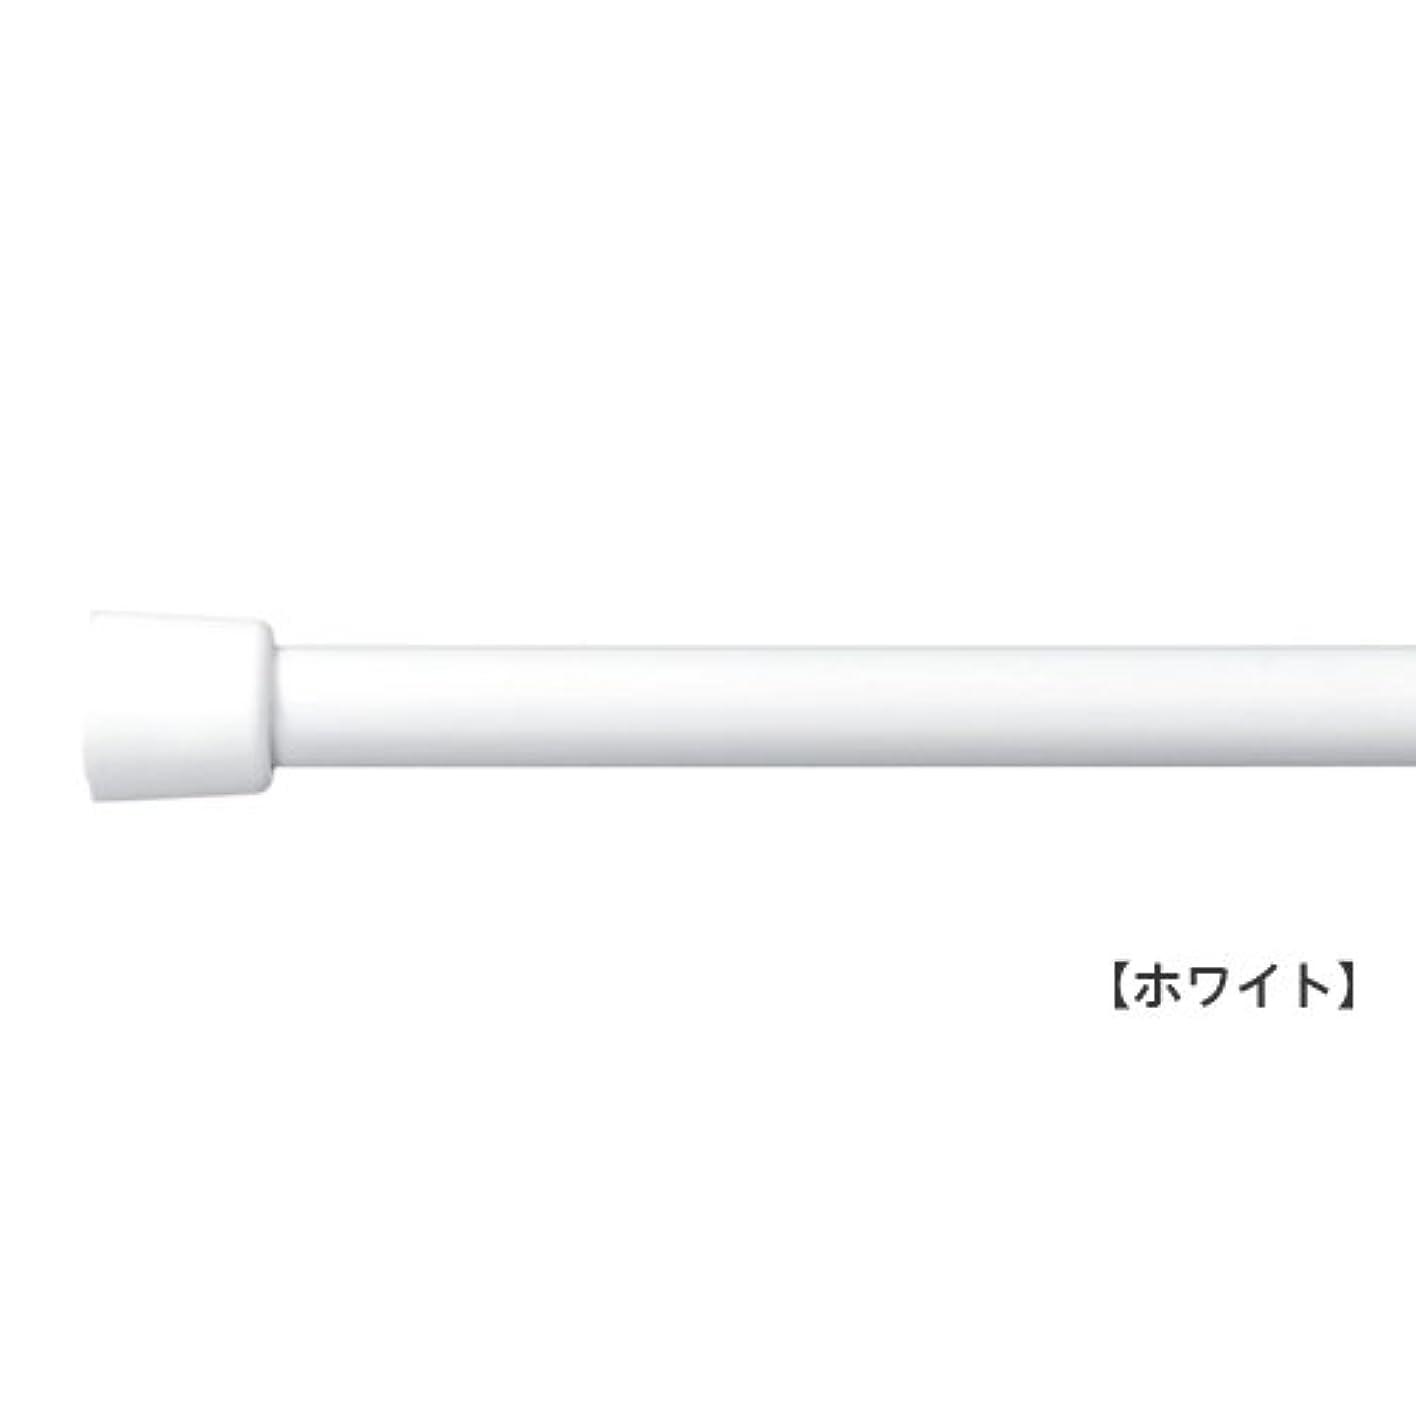 樫の木コンピューターを使用する外交穴あけ不要の突っ張り棒 ホワイト【50cm~80cmの窓に対応】